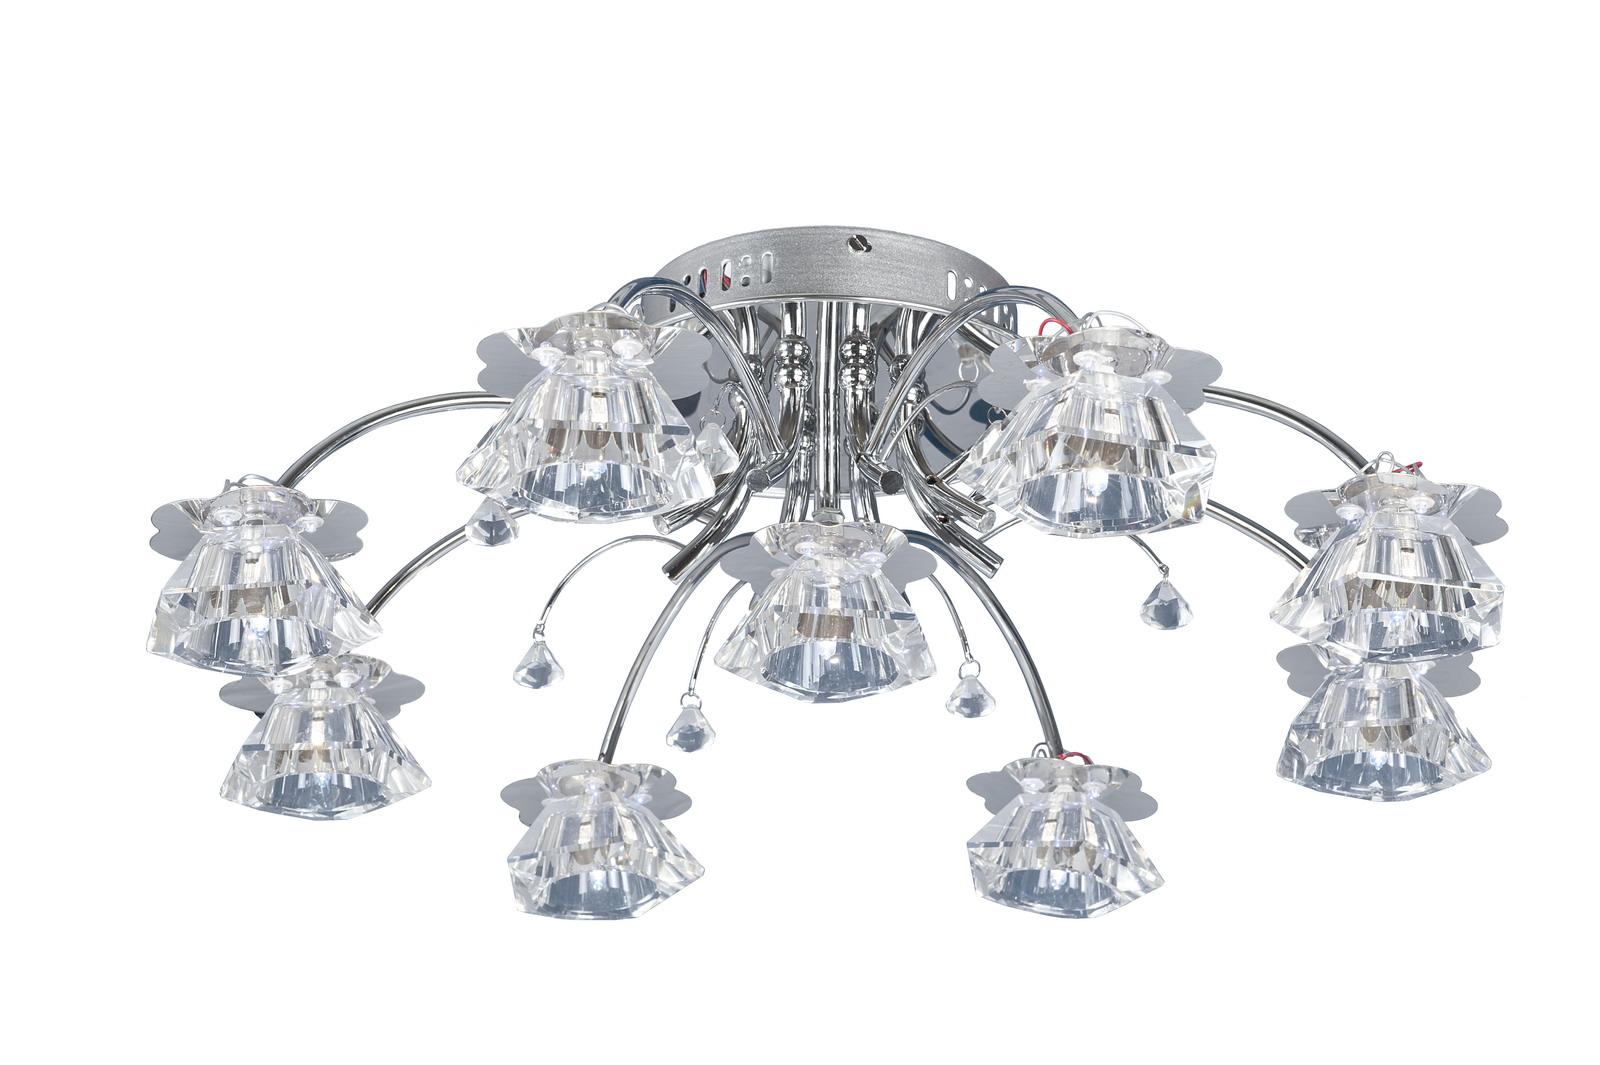 Люстра МАКСИСВЕТЛюстры<br>Назначение светильника: для гостиной, Стиль светильника: модерн, Тип: потолочная, Материал светильника: металл, стекло, хрусталь, Материал арматуры: металл, Длина (мм): 640, Ширина: 640, Высота: 180, Количество ламп: 9, Тип лампы: галогенные и светодиодные, Мощность: 20, Патрон: G4, Пульт ДУ: есть, Цвет арматуры: хром, Родина бренда: Россия, Коллекция: 44179<br>